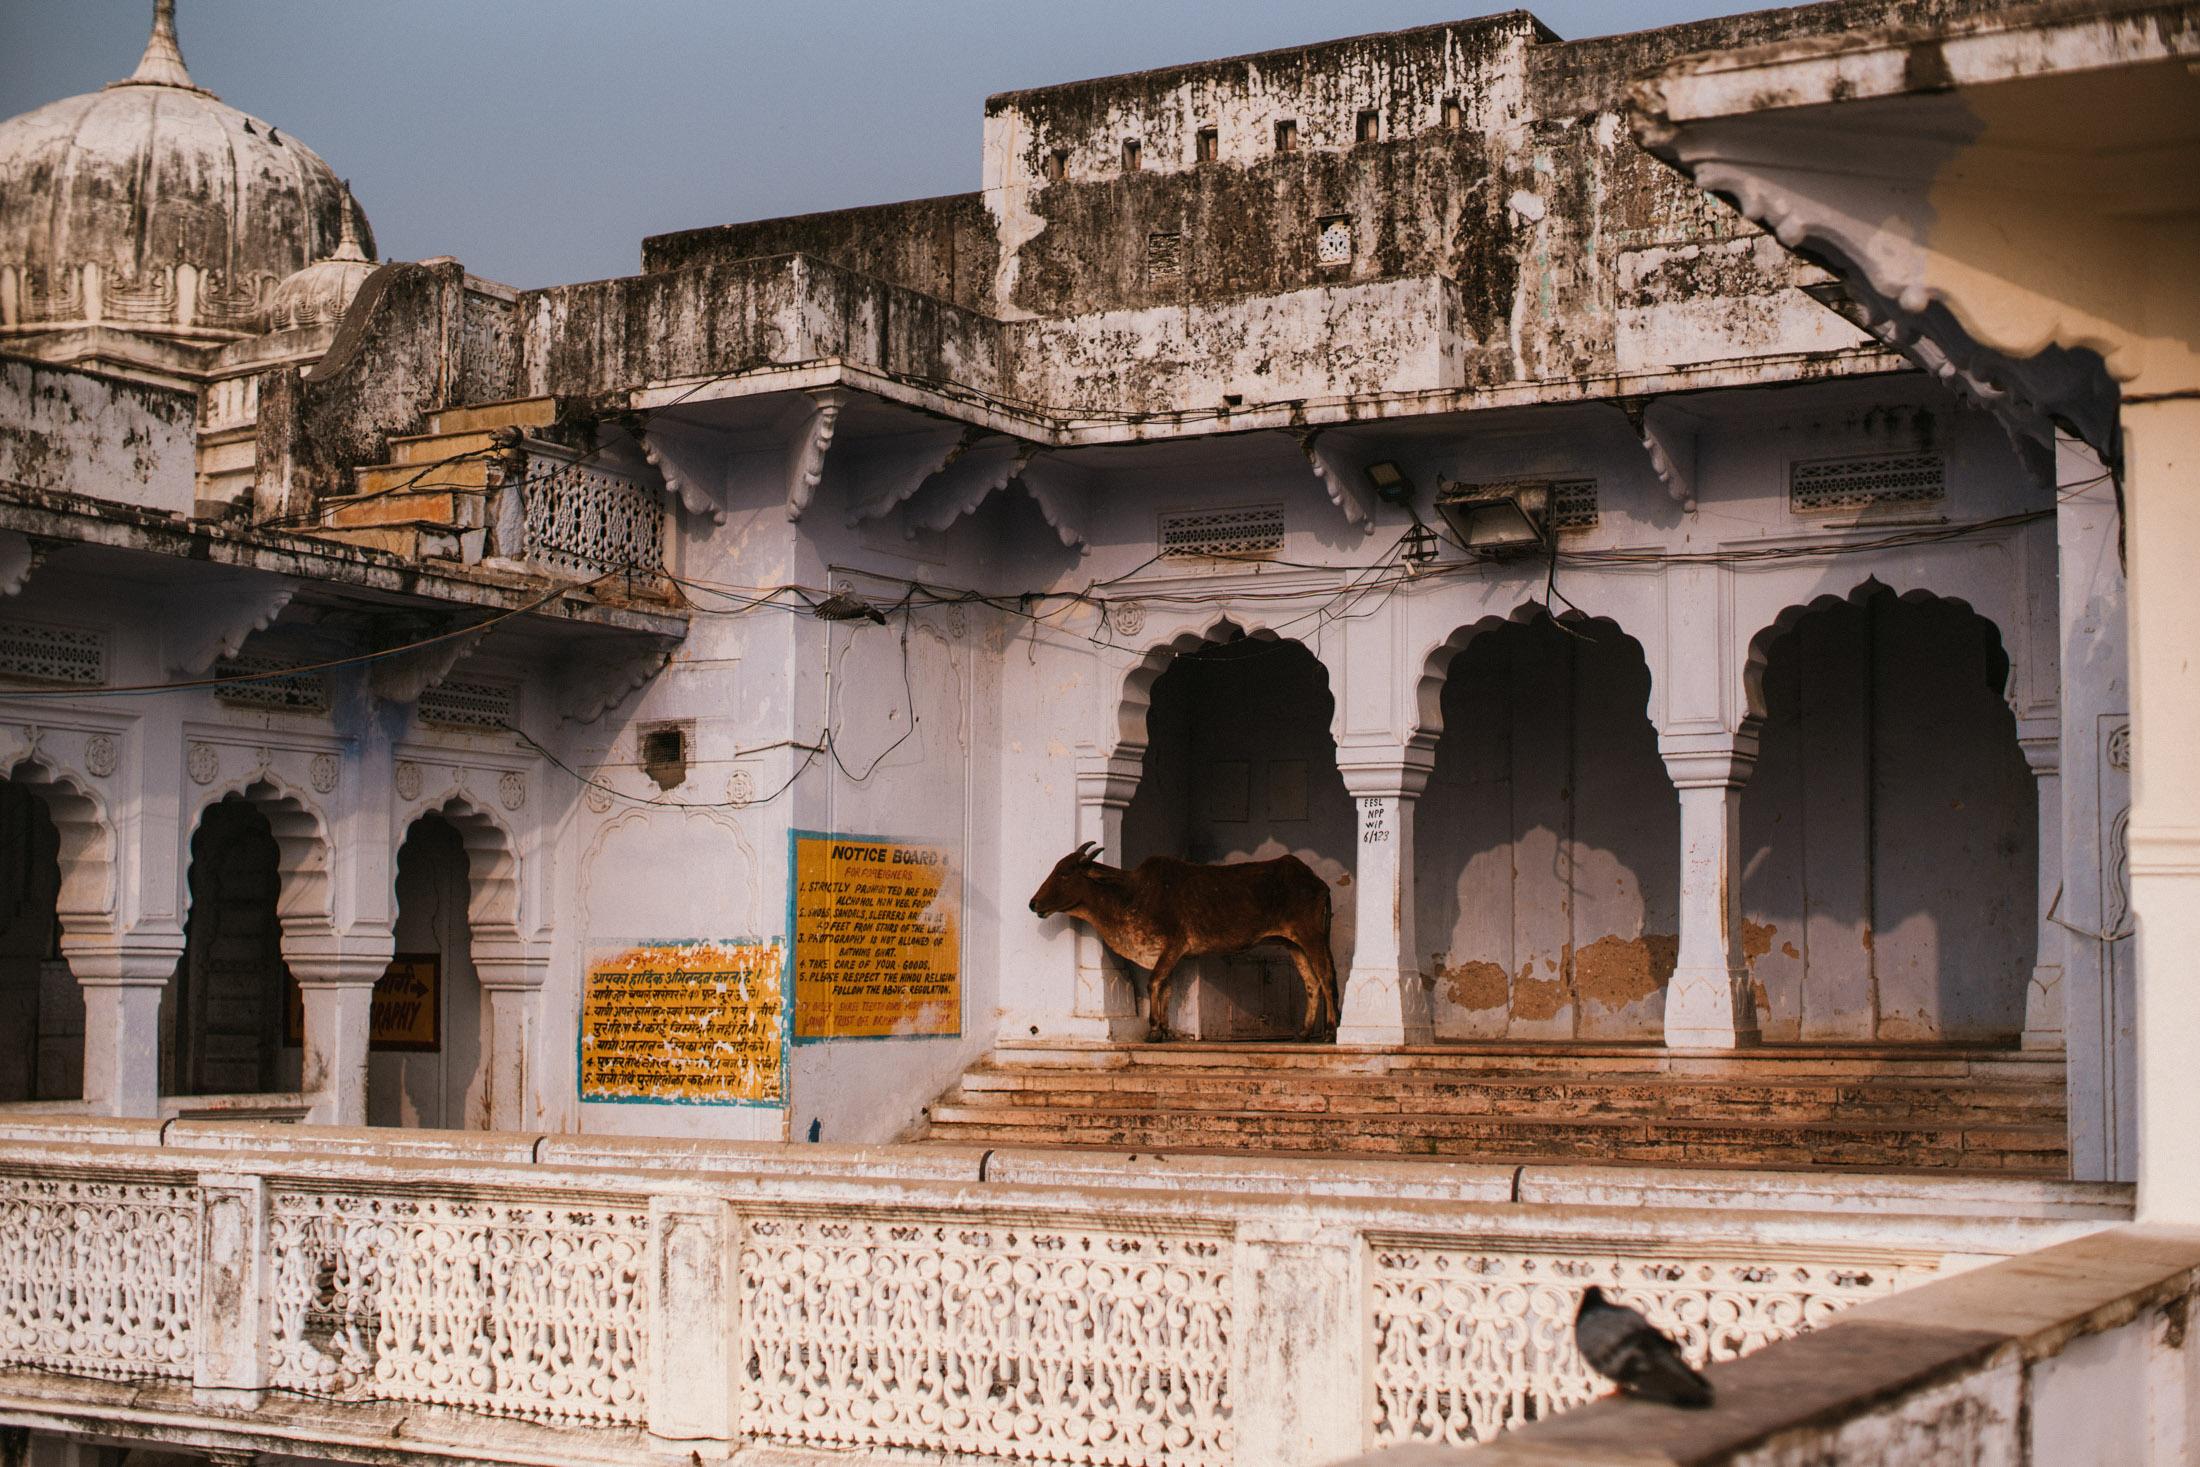 Pushkar Nov 2017-Dean Raphael Photography-12.jpg